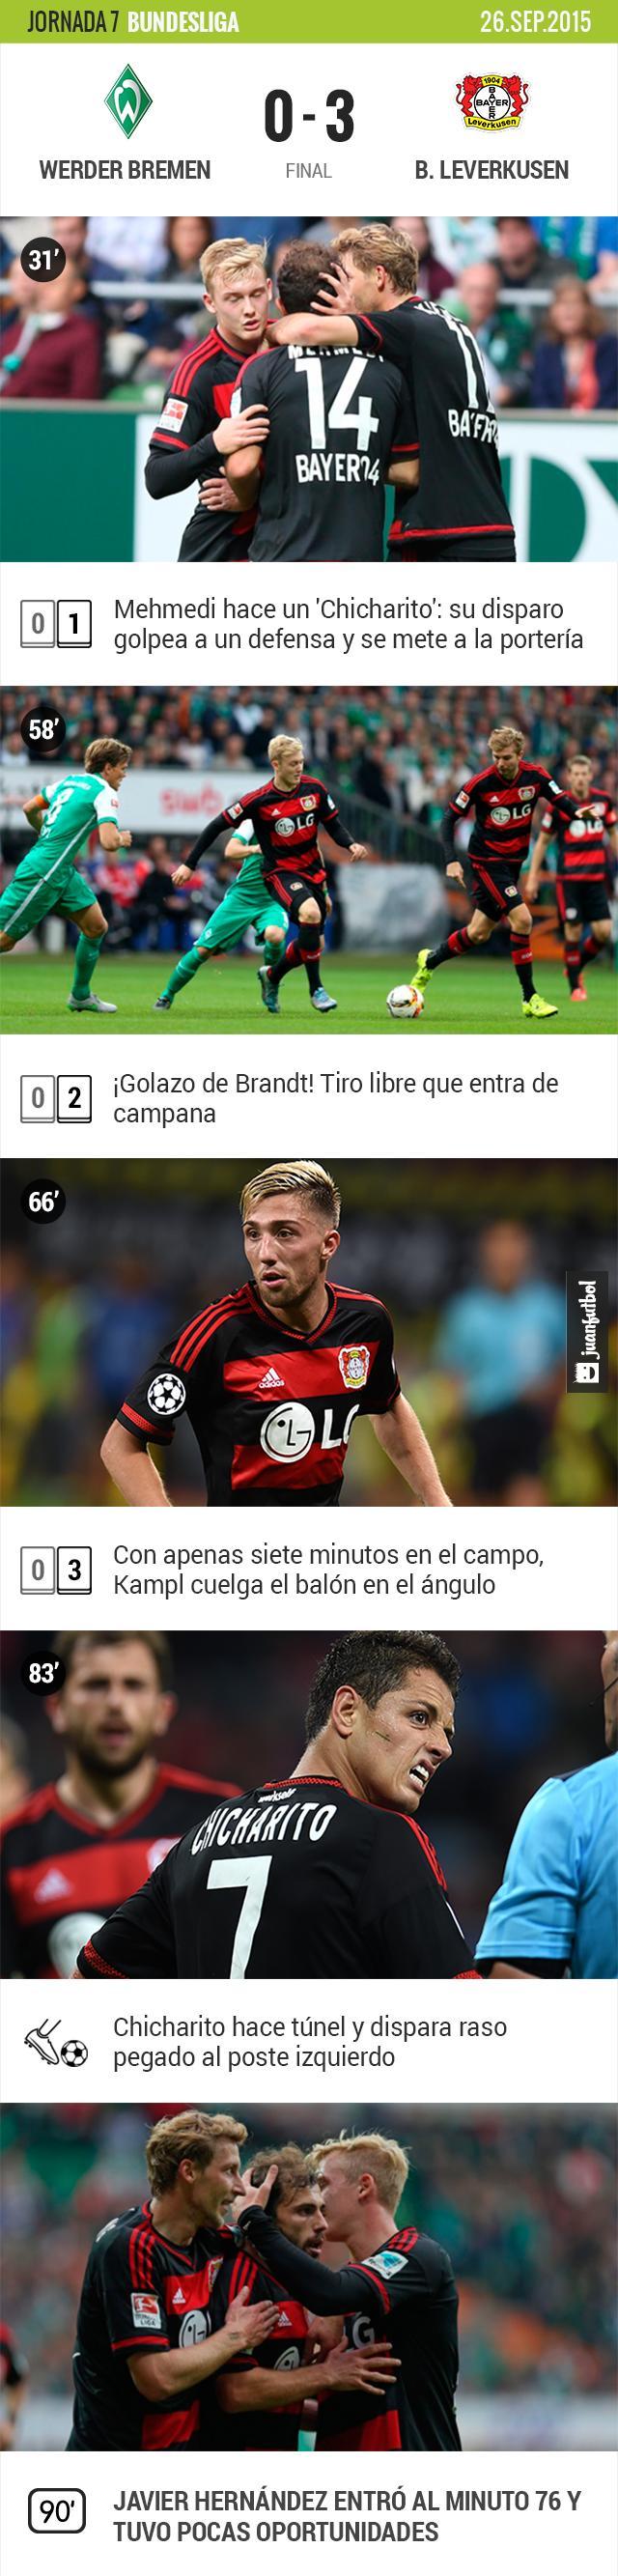 Leverkusen golea 3-0 al Werder Bremen, Javier Hernández entró al minuto 76 y tuvo una oportunidad